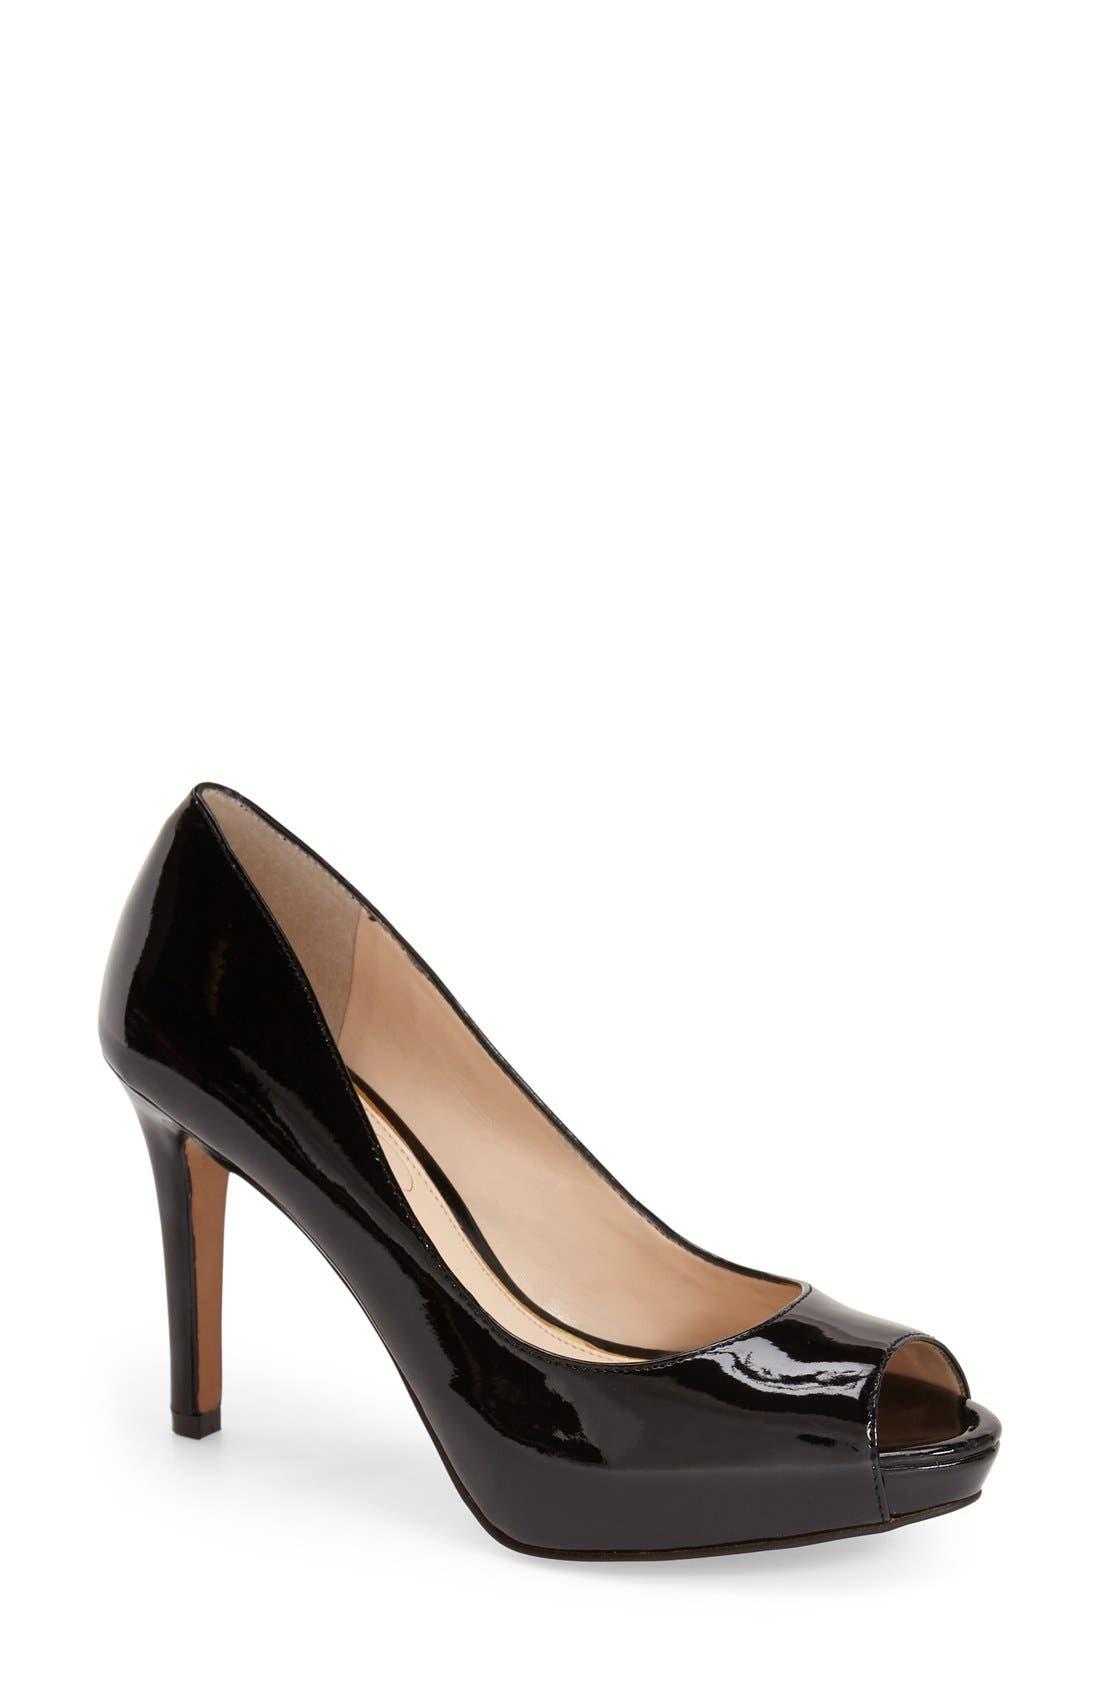 Main Image - Jessica Simpson 'Kelia' Peep Toe Pump (Women)